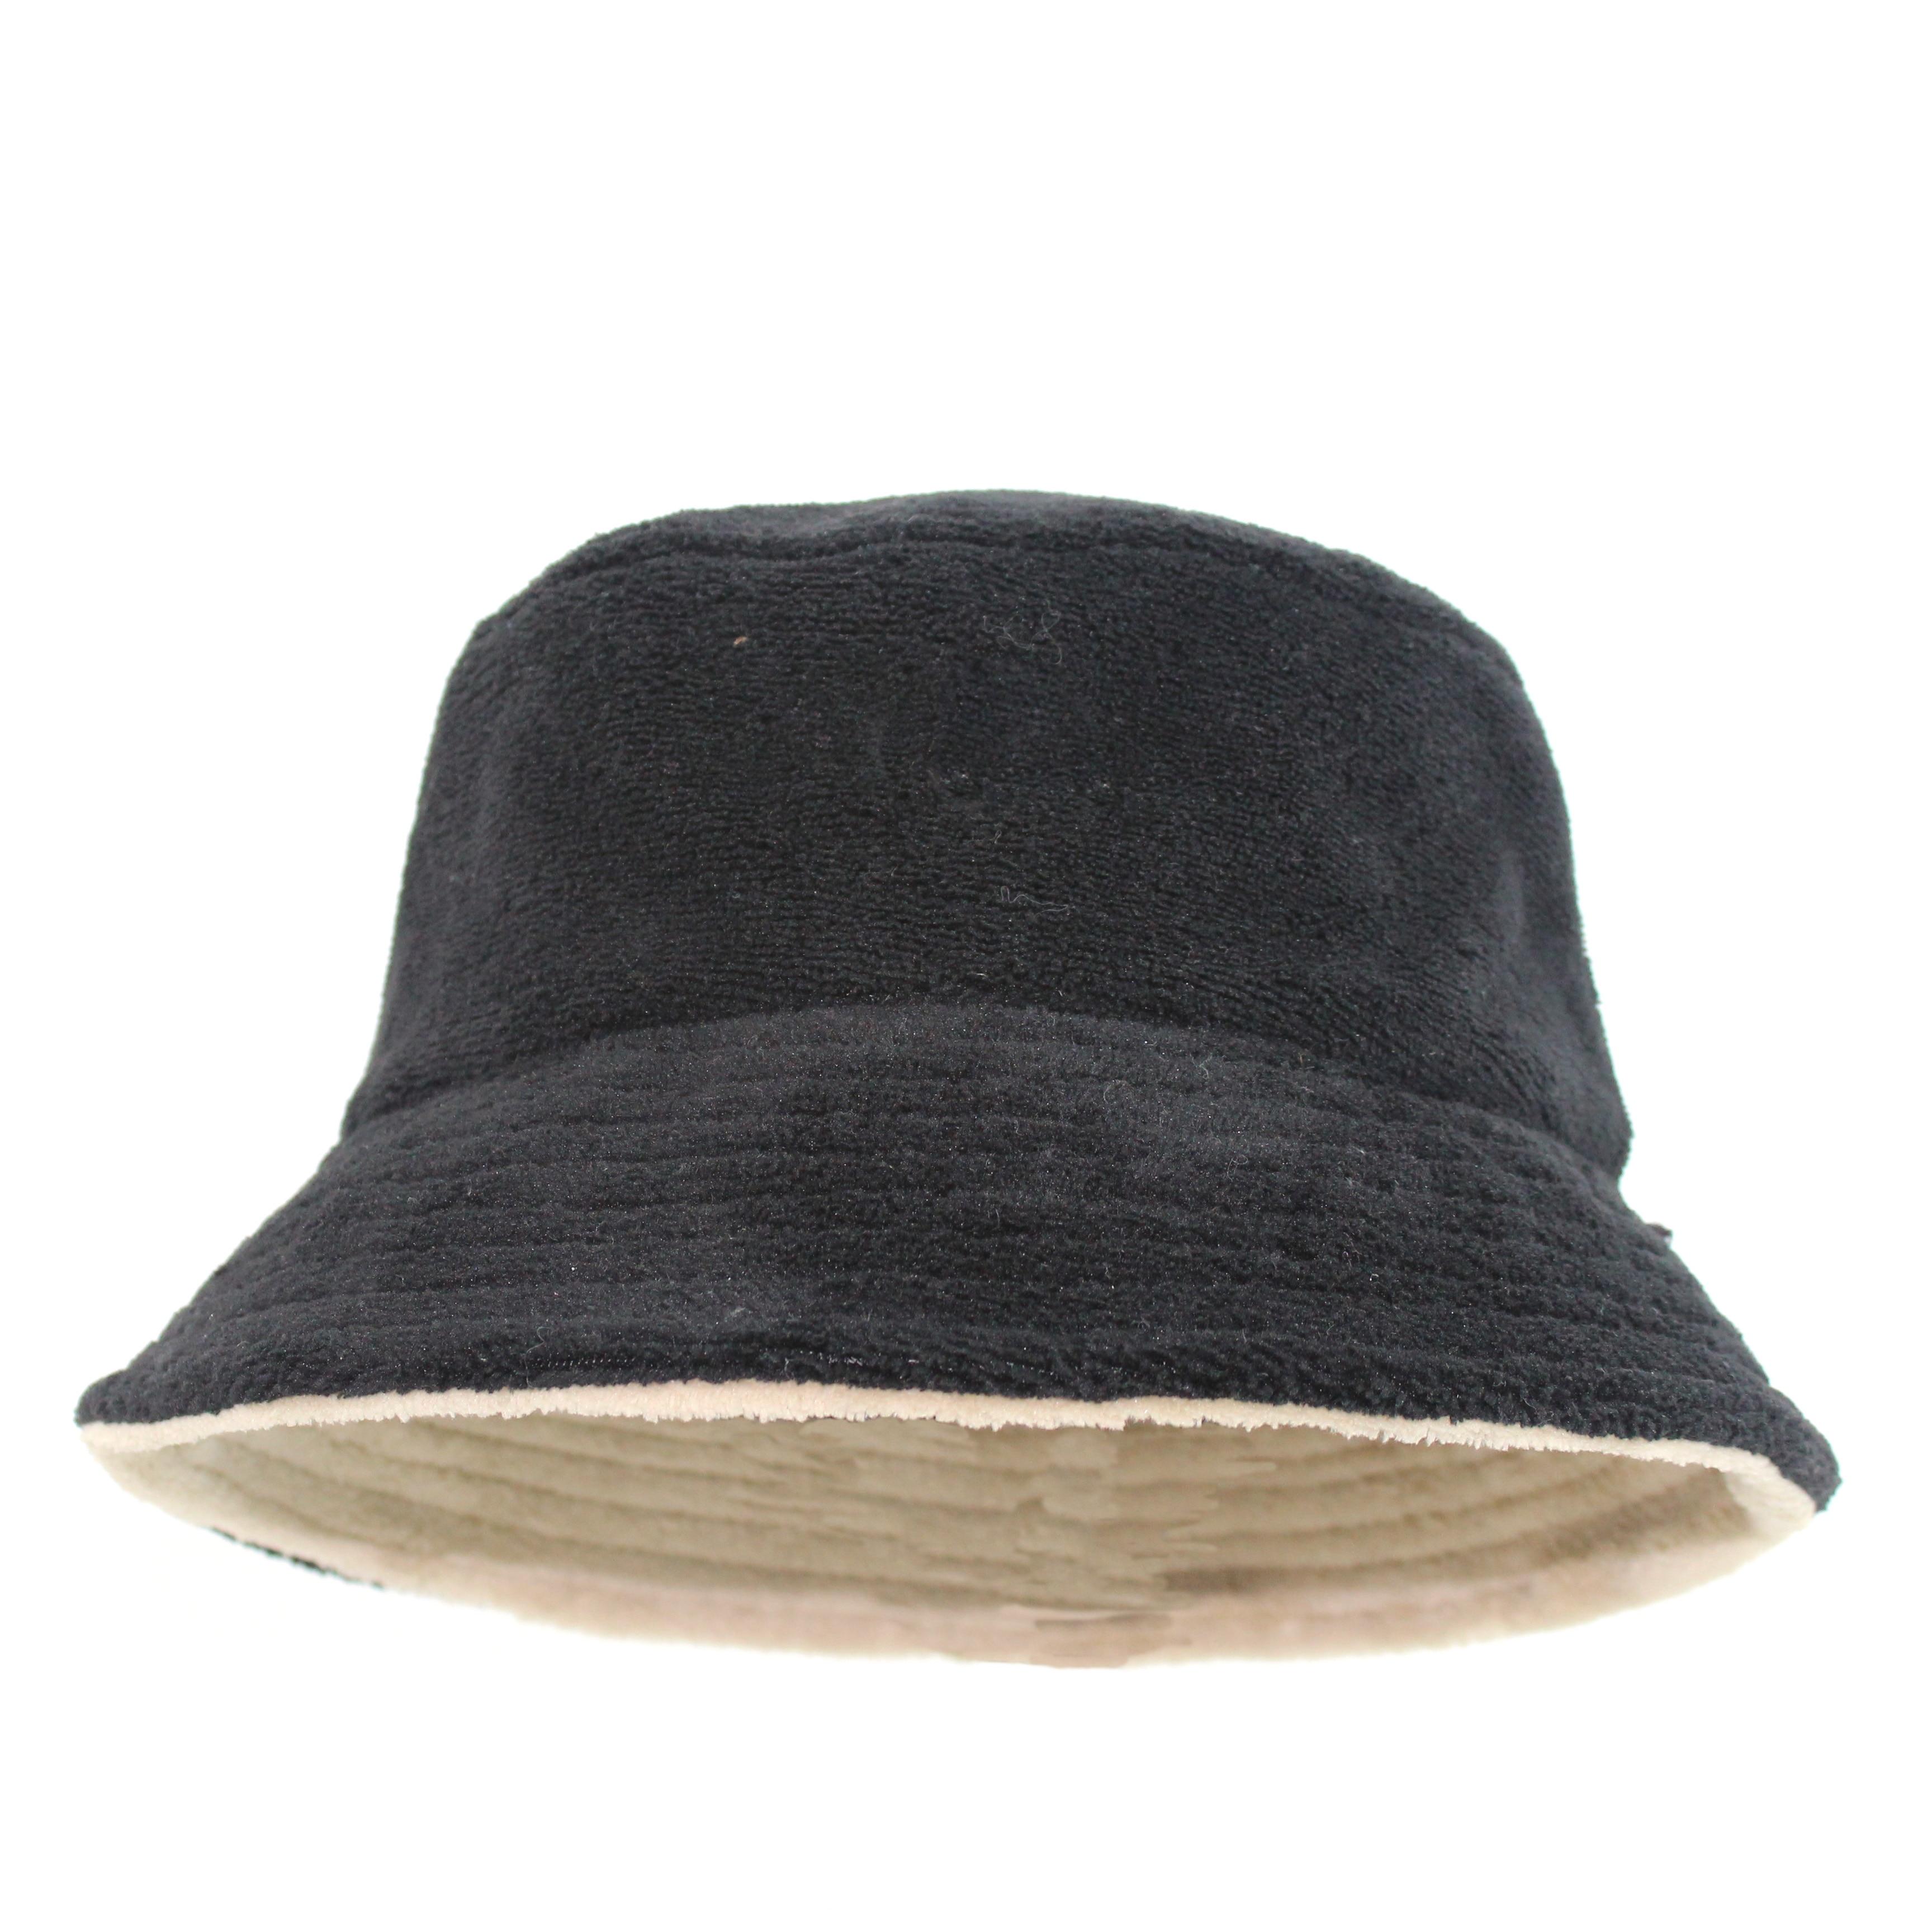 Otoño Invierno mujeres grueso cálido lana de cordero cubo sombreros y gorra de béisbol Casual sólido plano Top Cap mujeres niñas